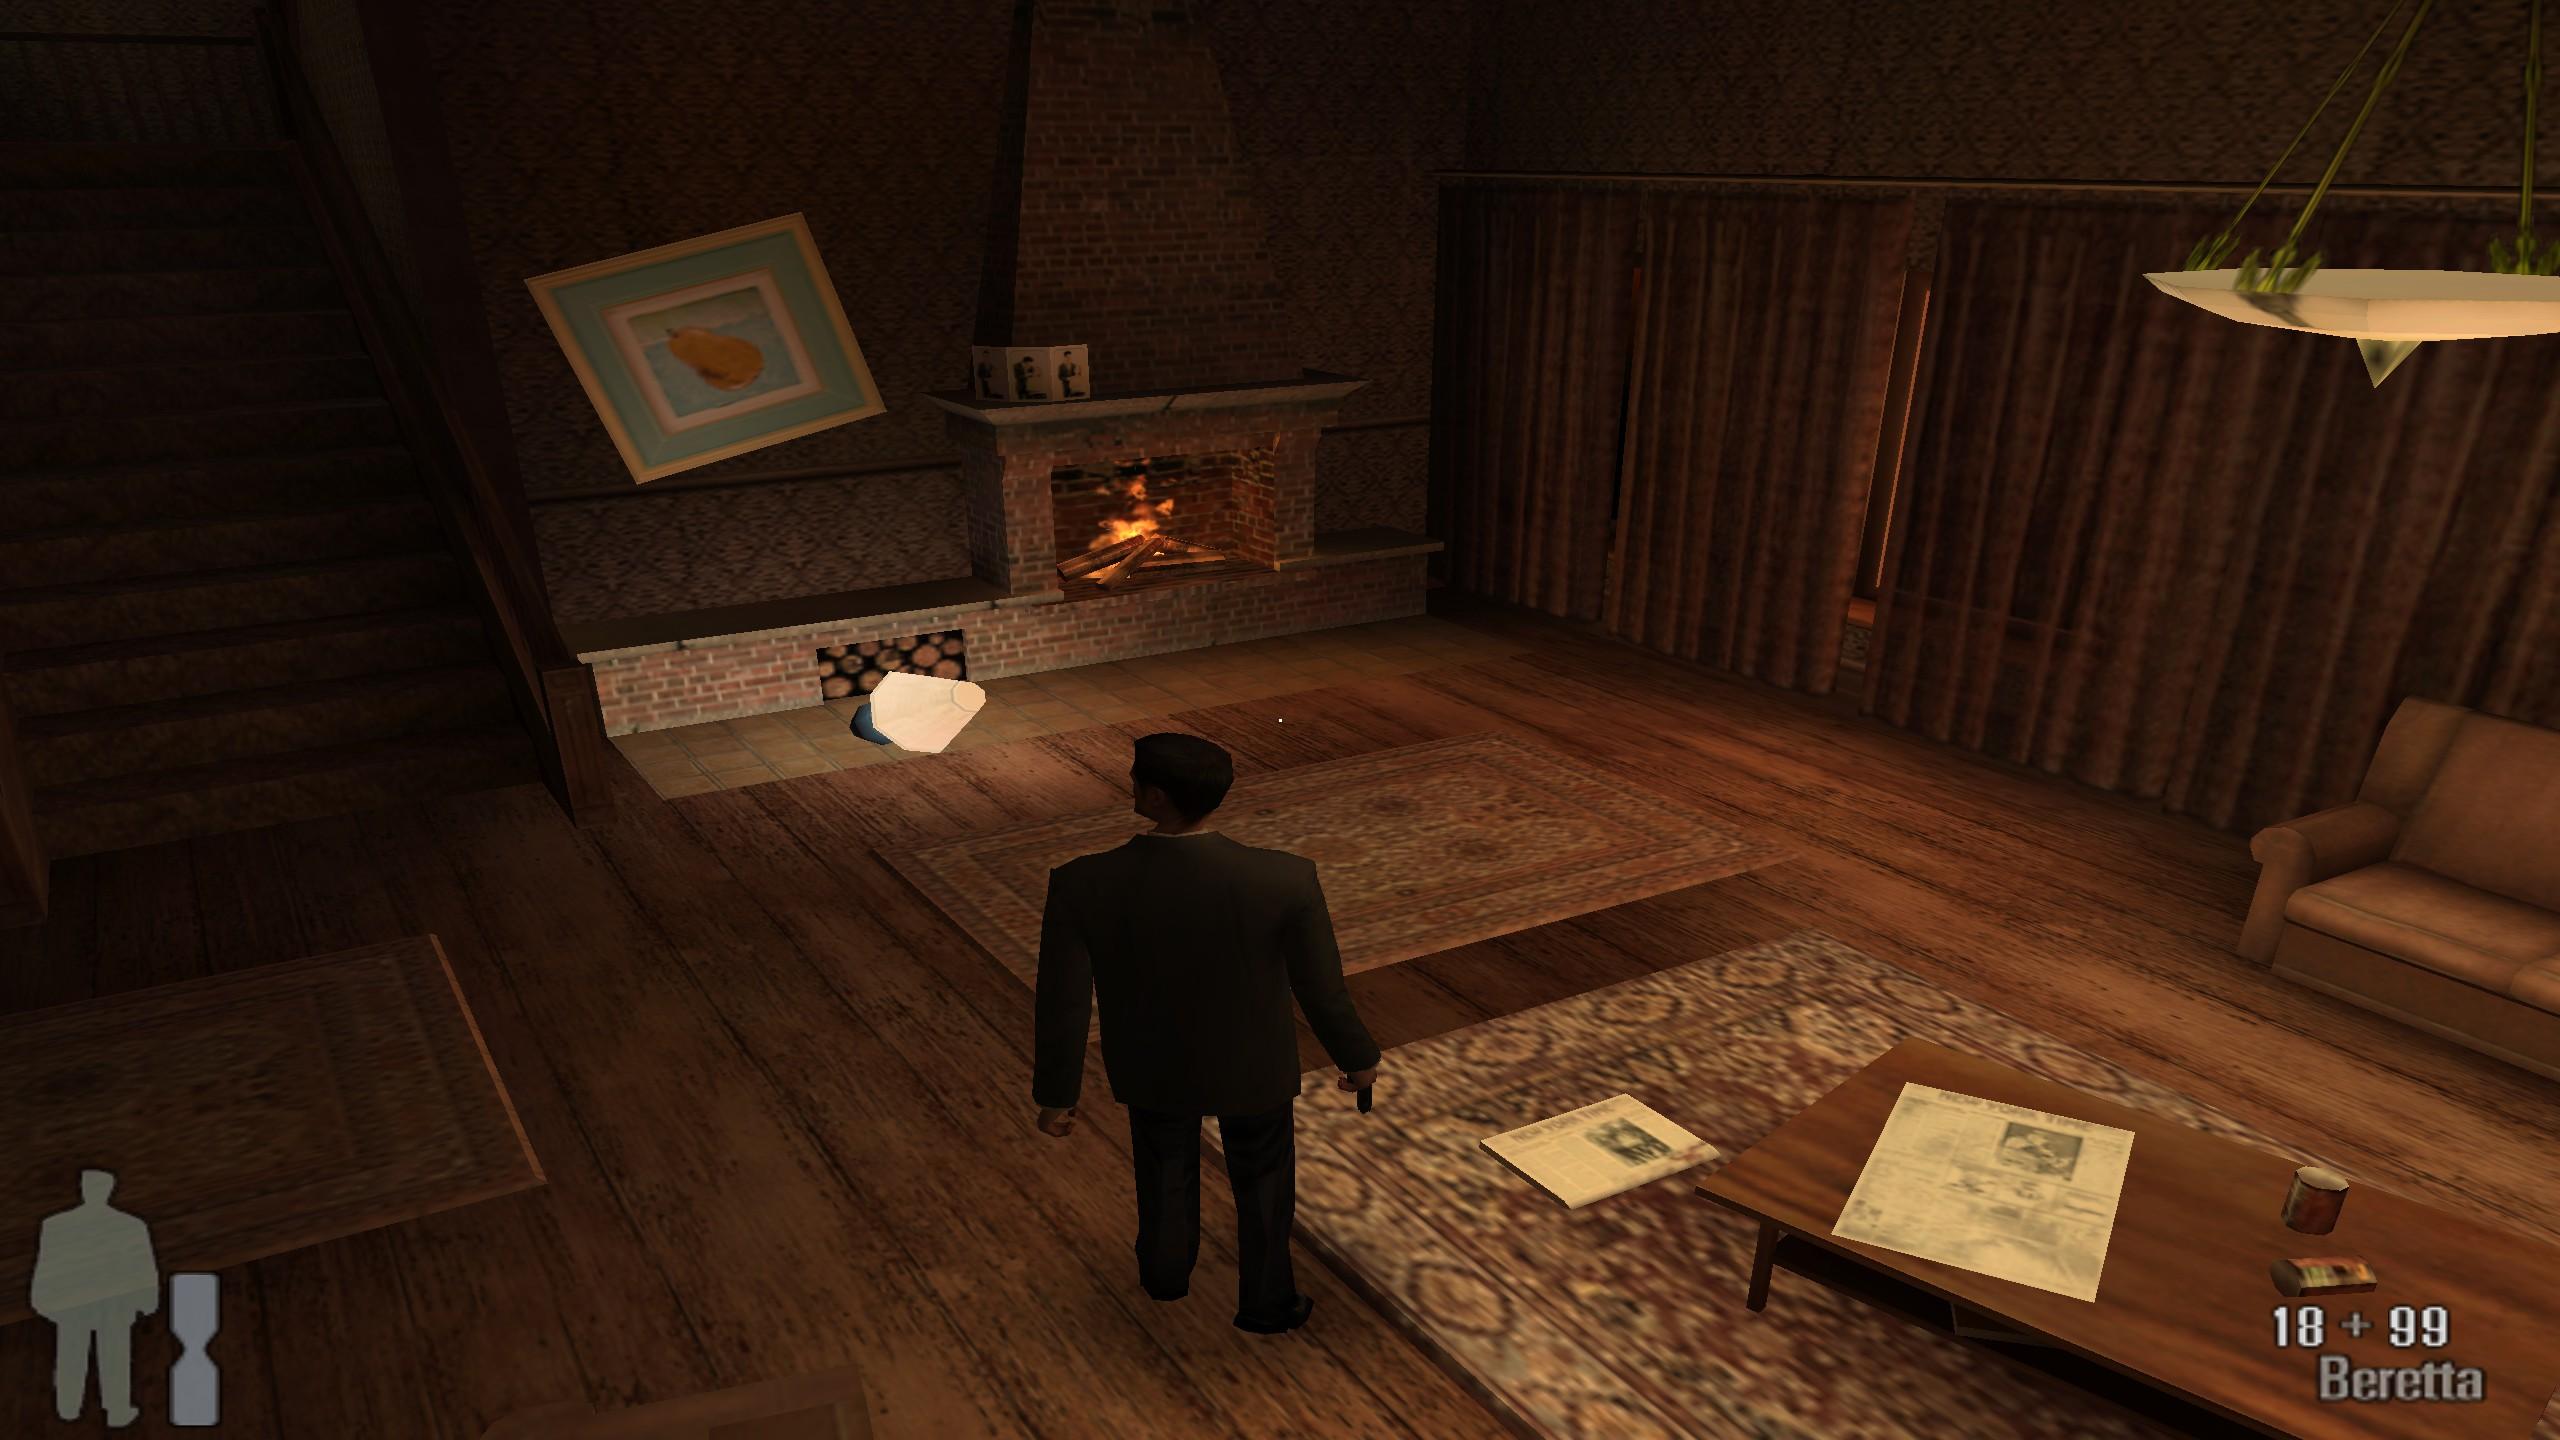 snímka obrazovky, Max Payne